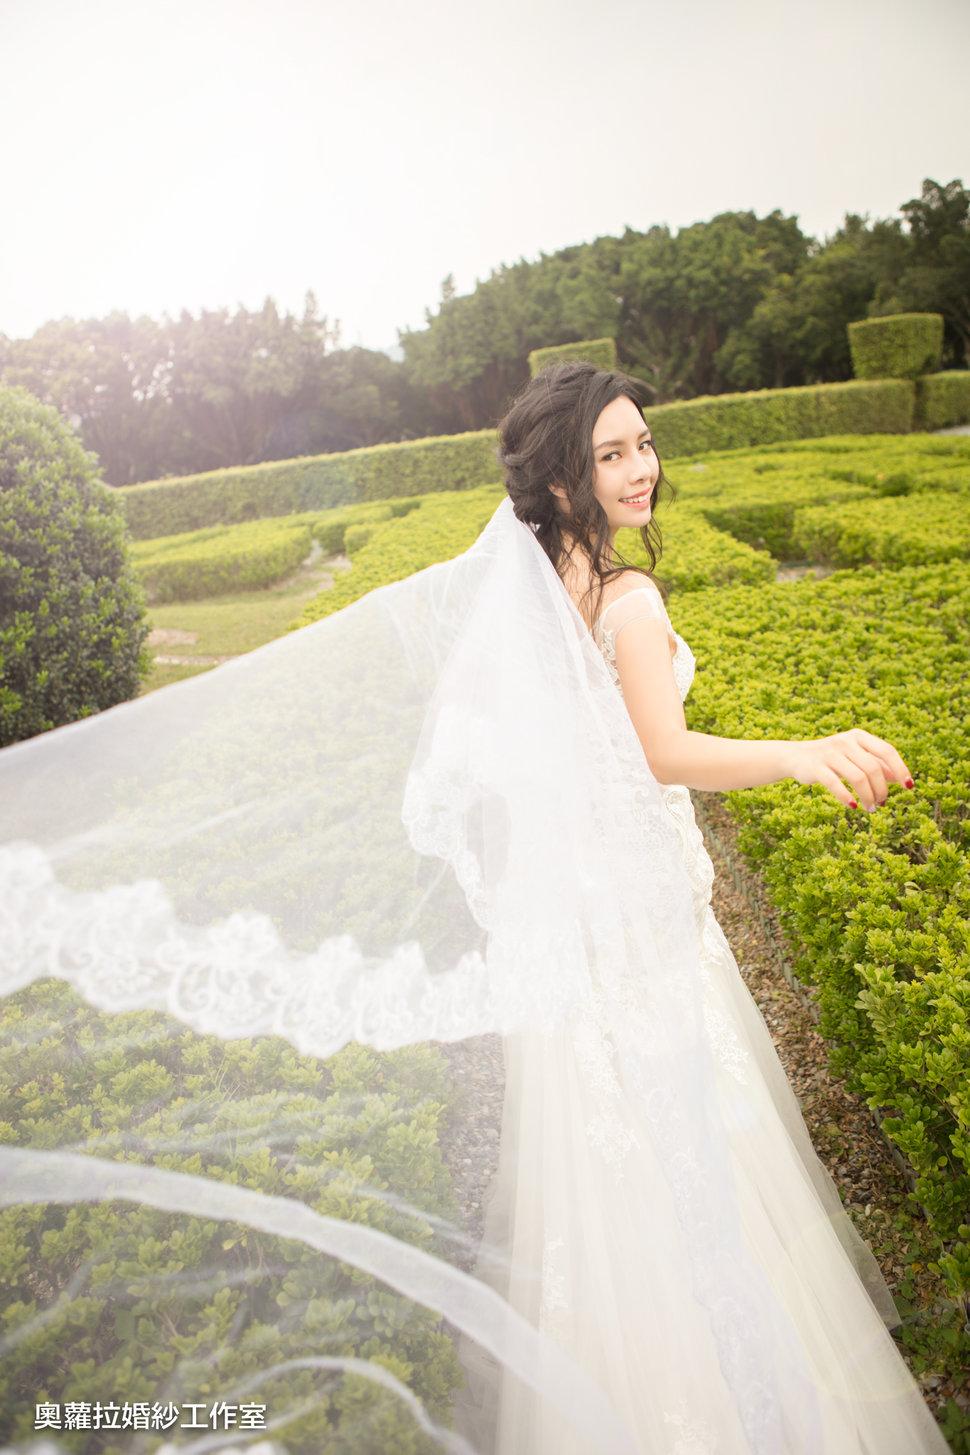 奧蘿拉婚紗工作室-1 - 奧蘿拉自助婚紗工作室《結婚吧》